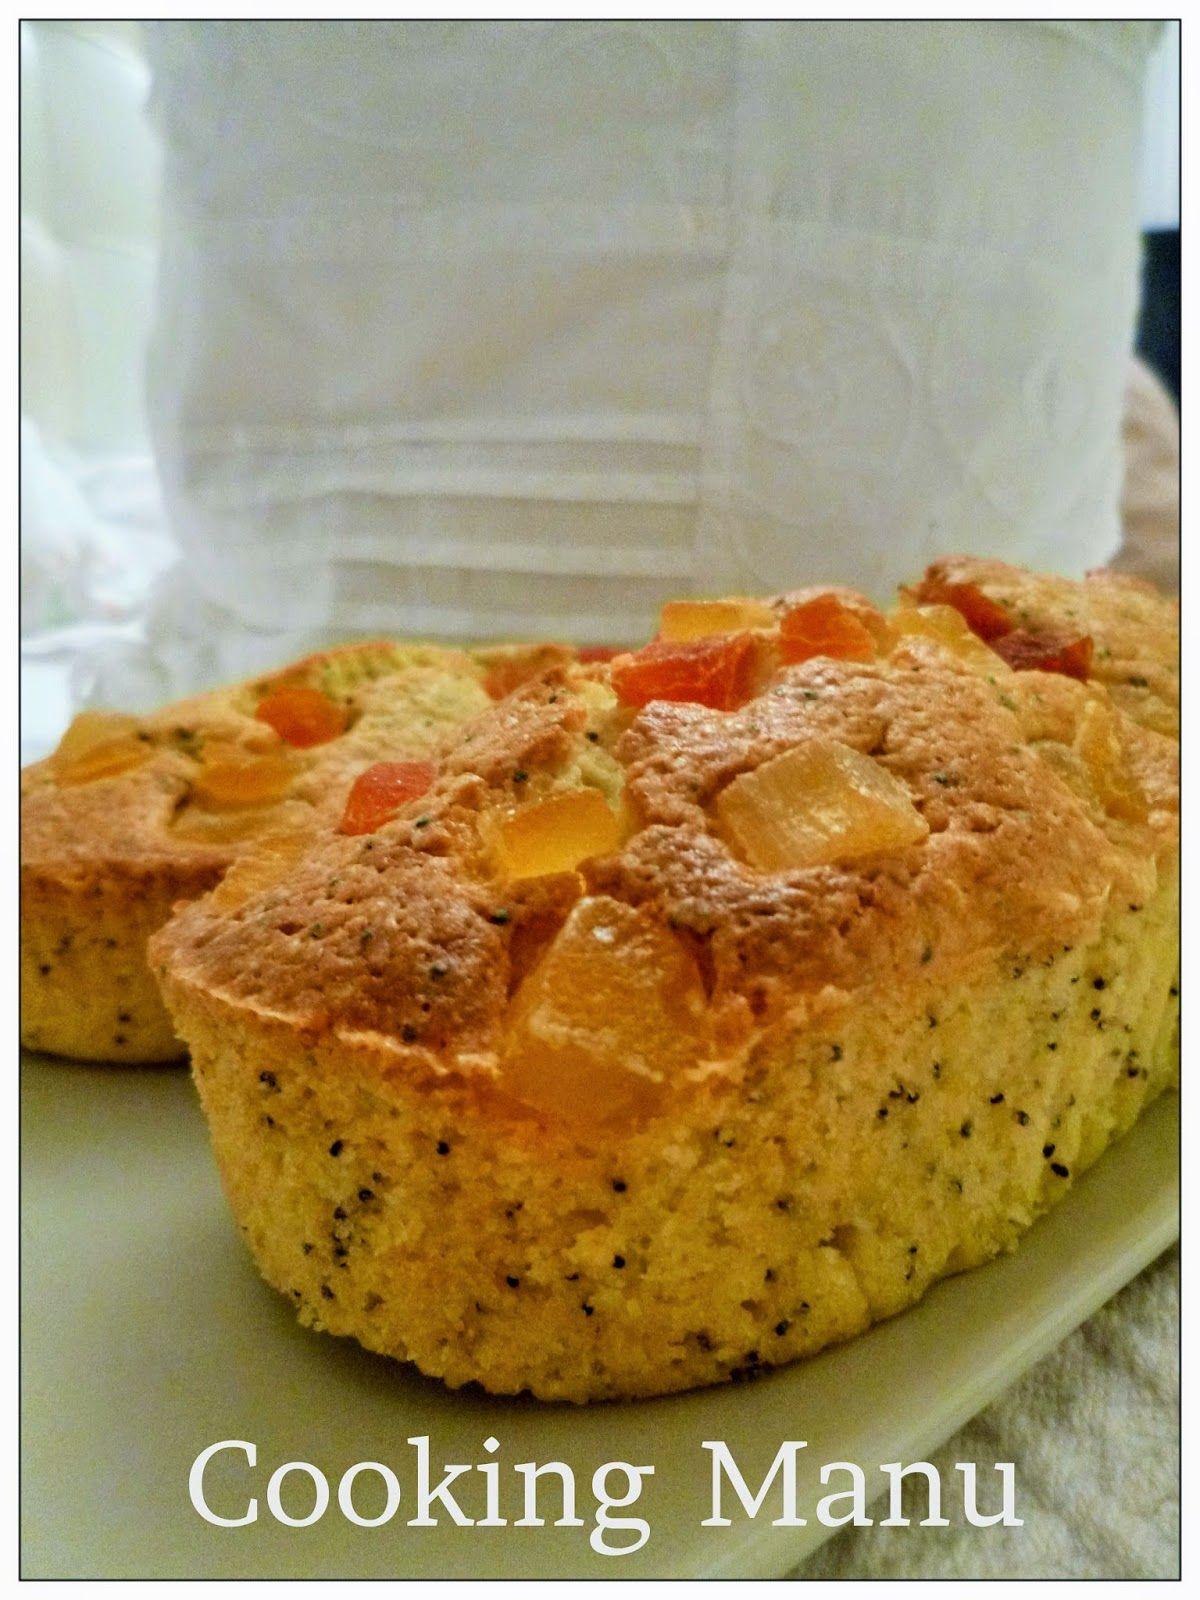 http://cookingmanu.blogspot.it/2015/04/loaf-al-limone-lemon-loaf.html